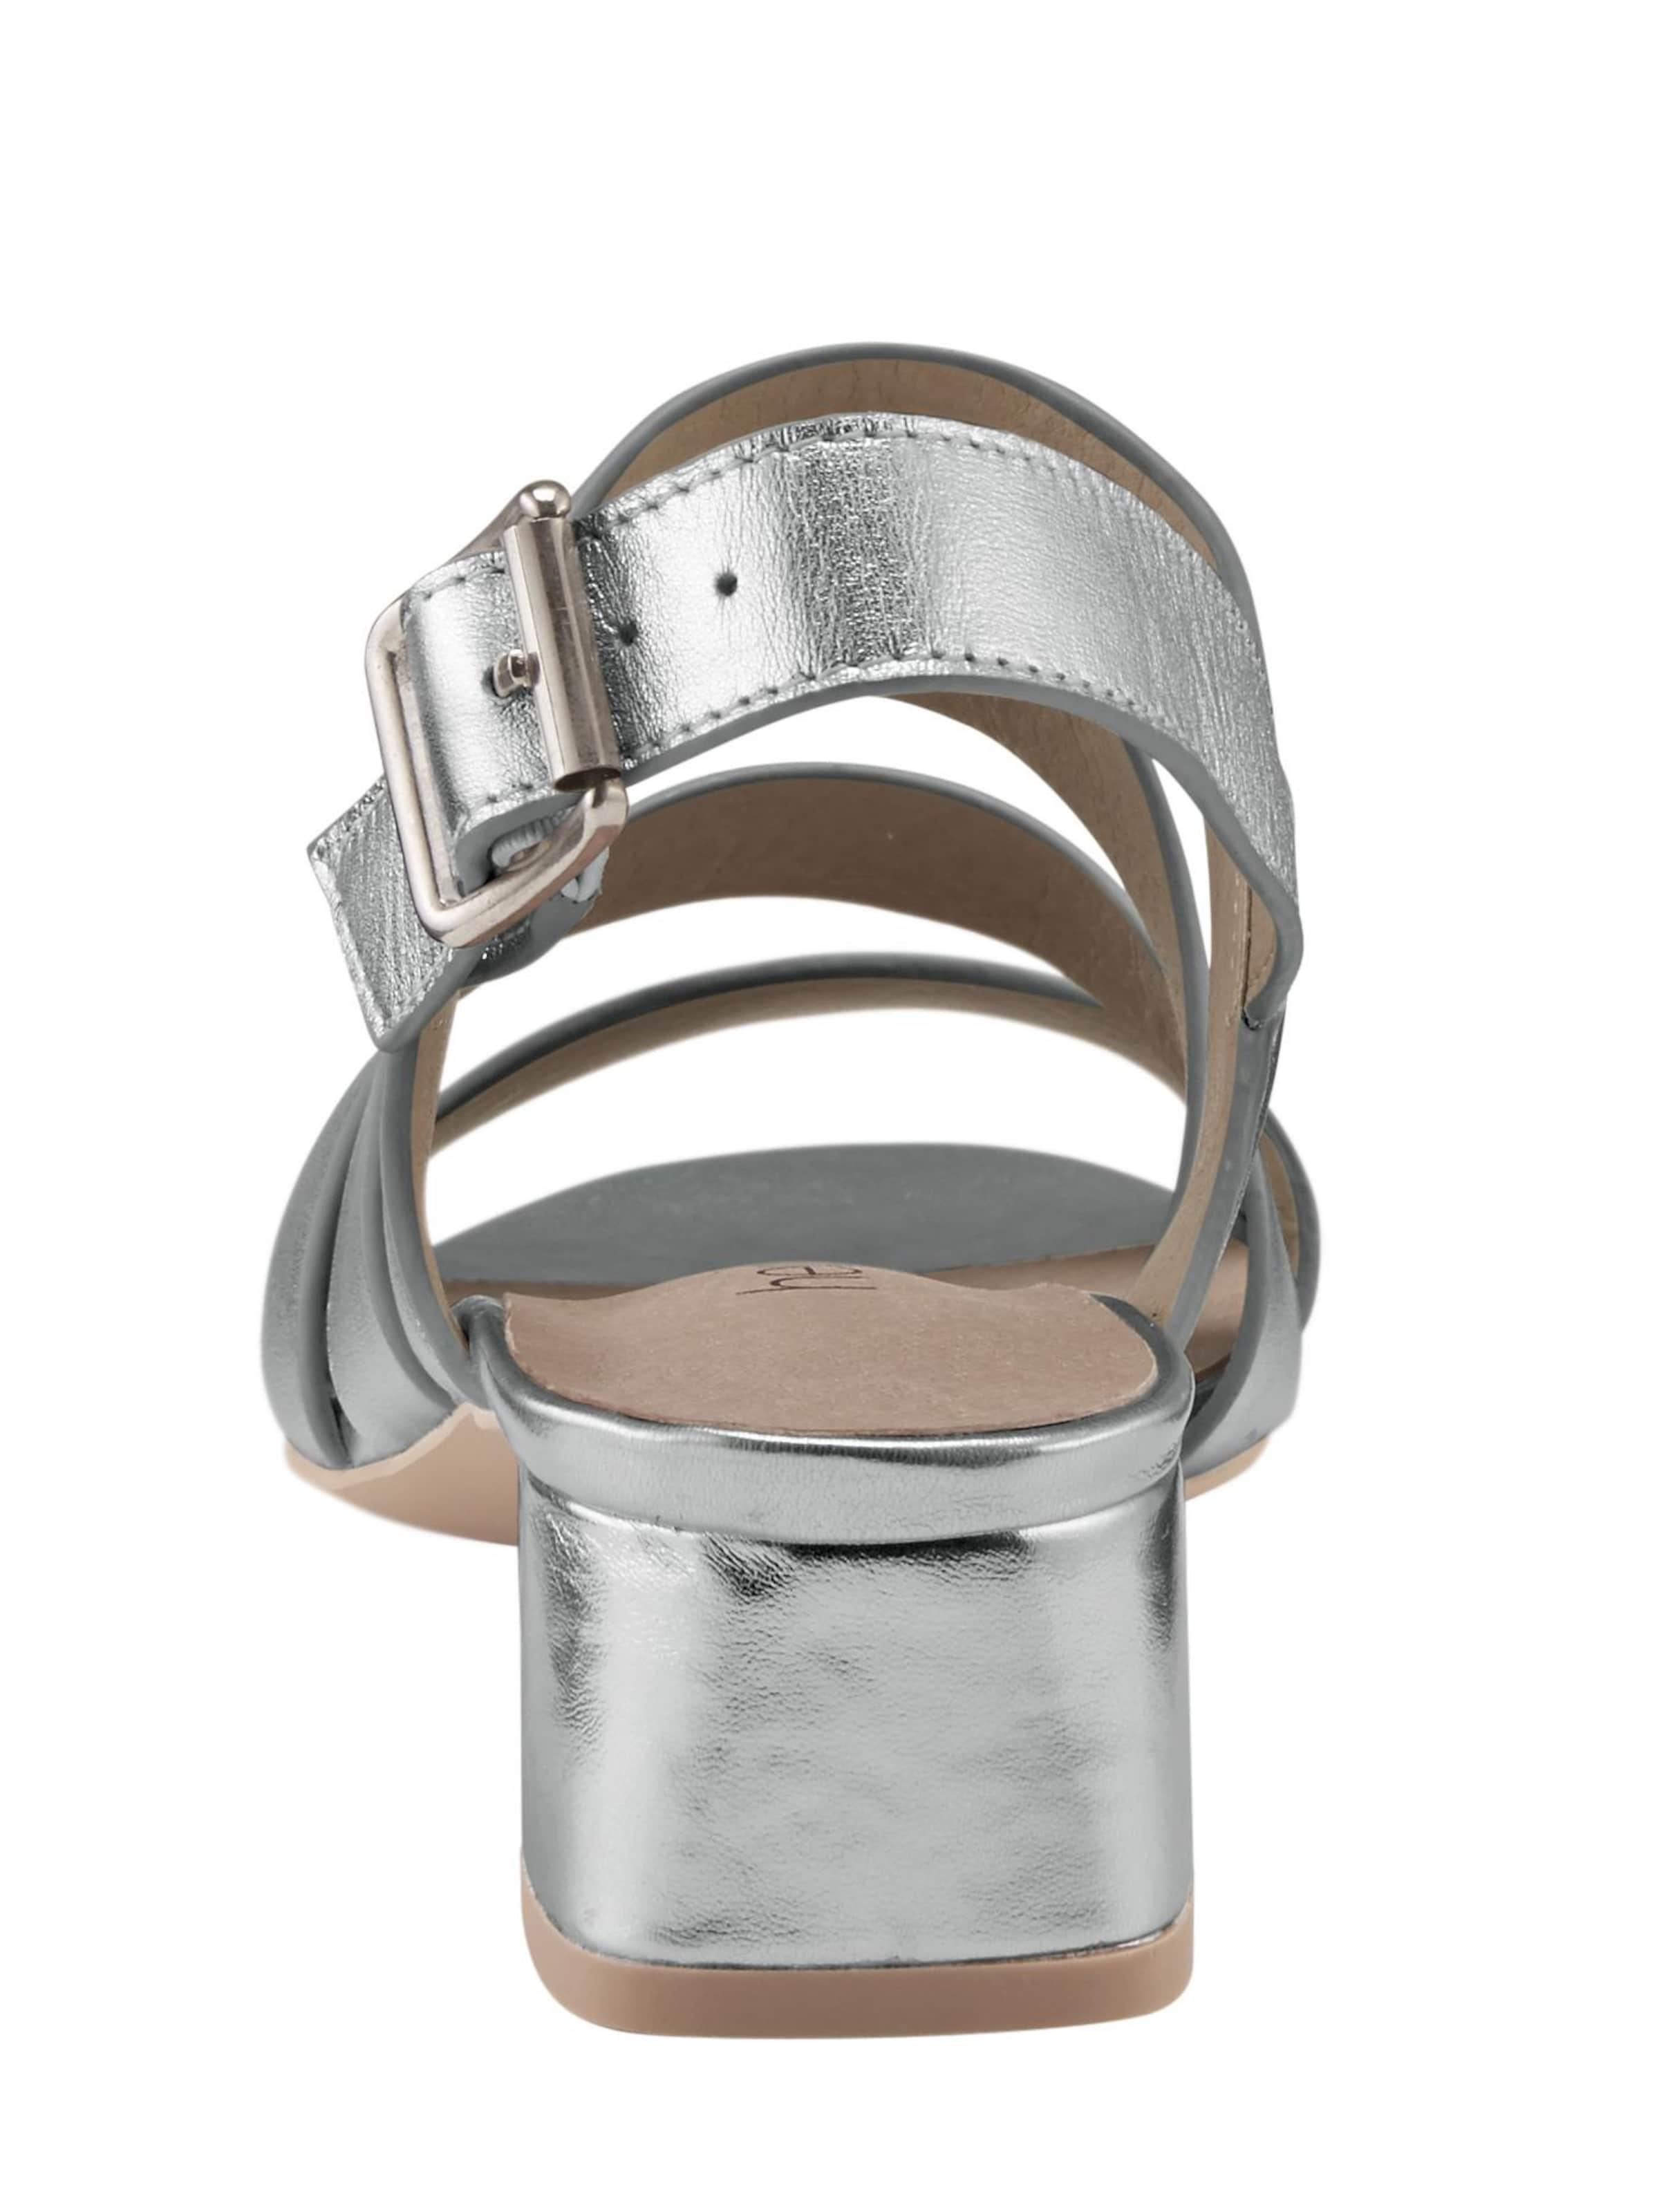 In Sandalette In Sandalette Heine Heine In Silber Sandalette Heine Heine In Silber Sandalette Silber OZiXTwPku